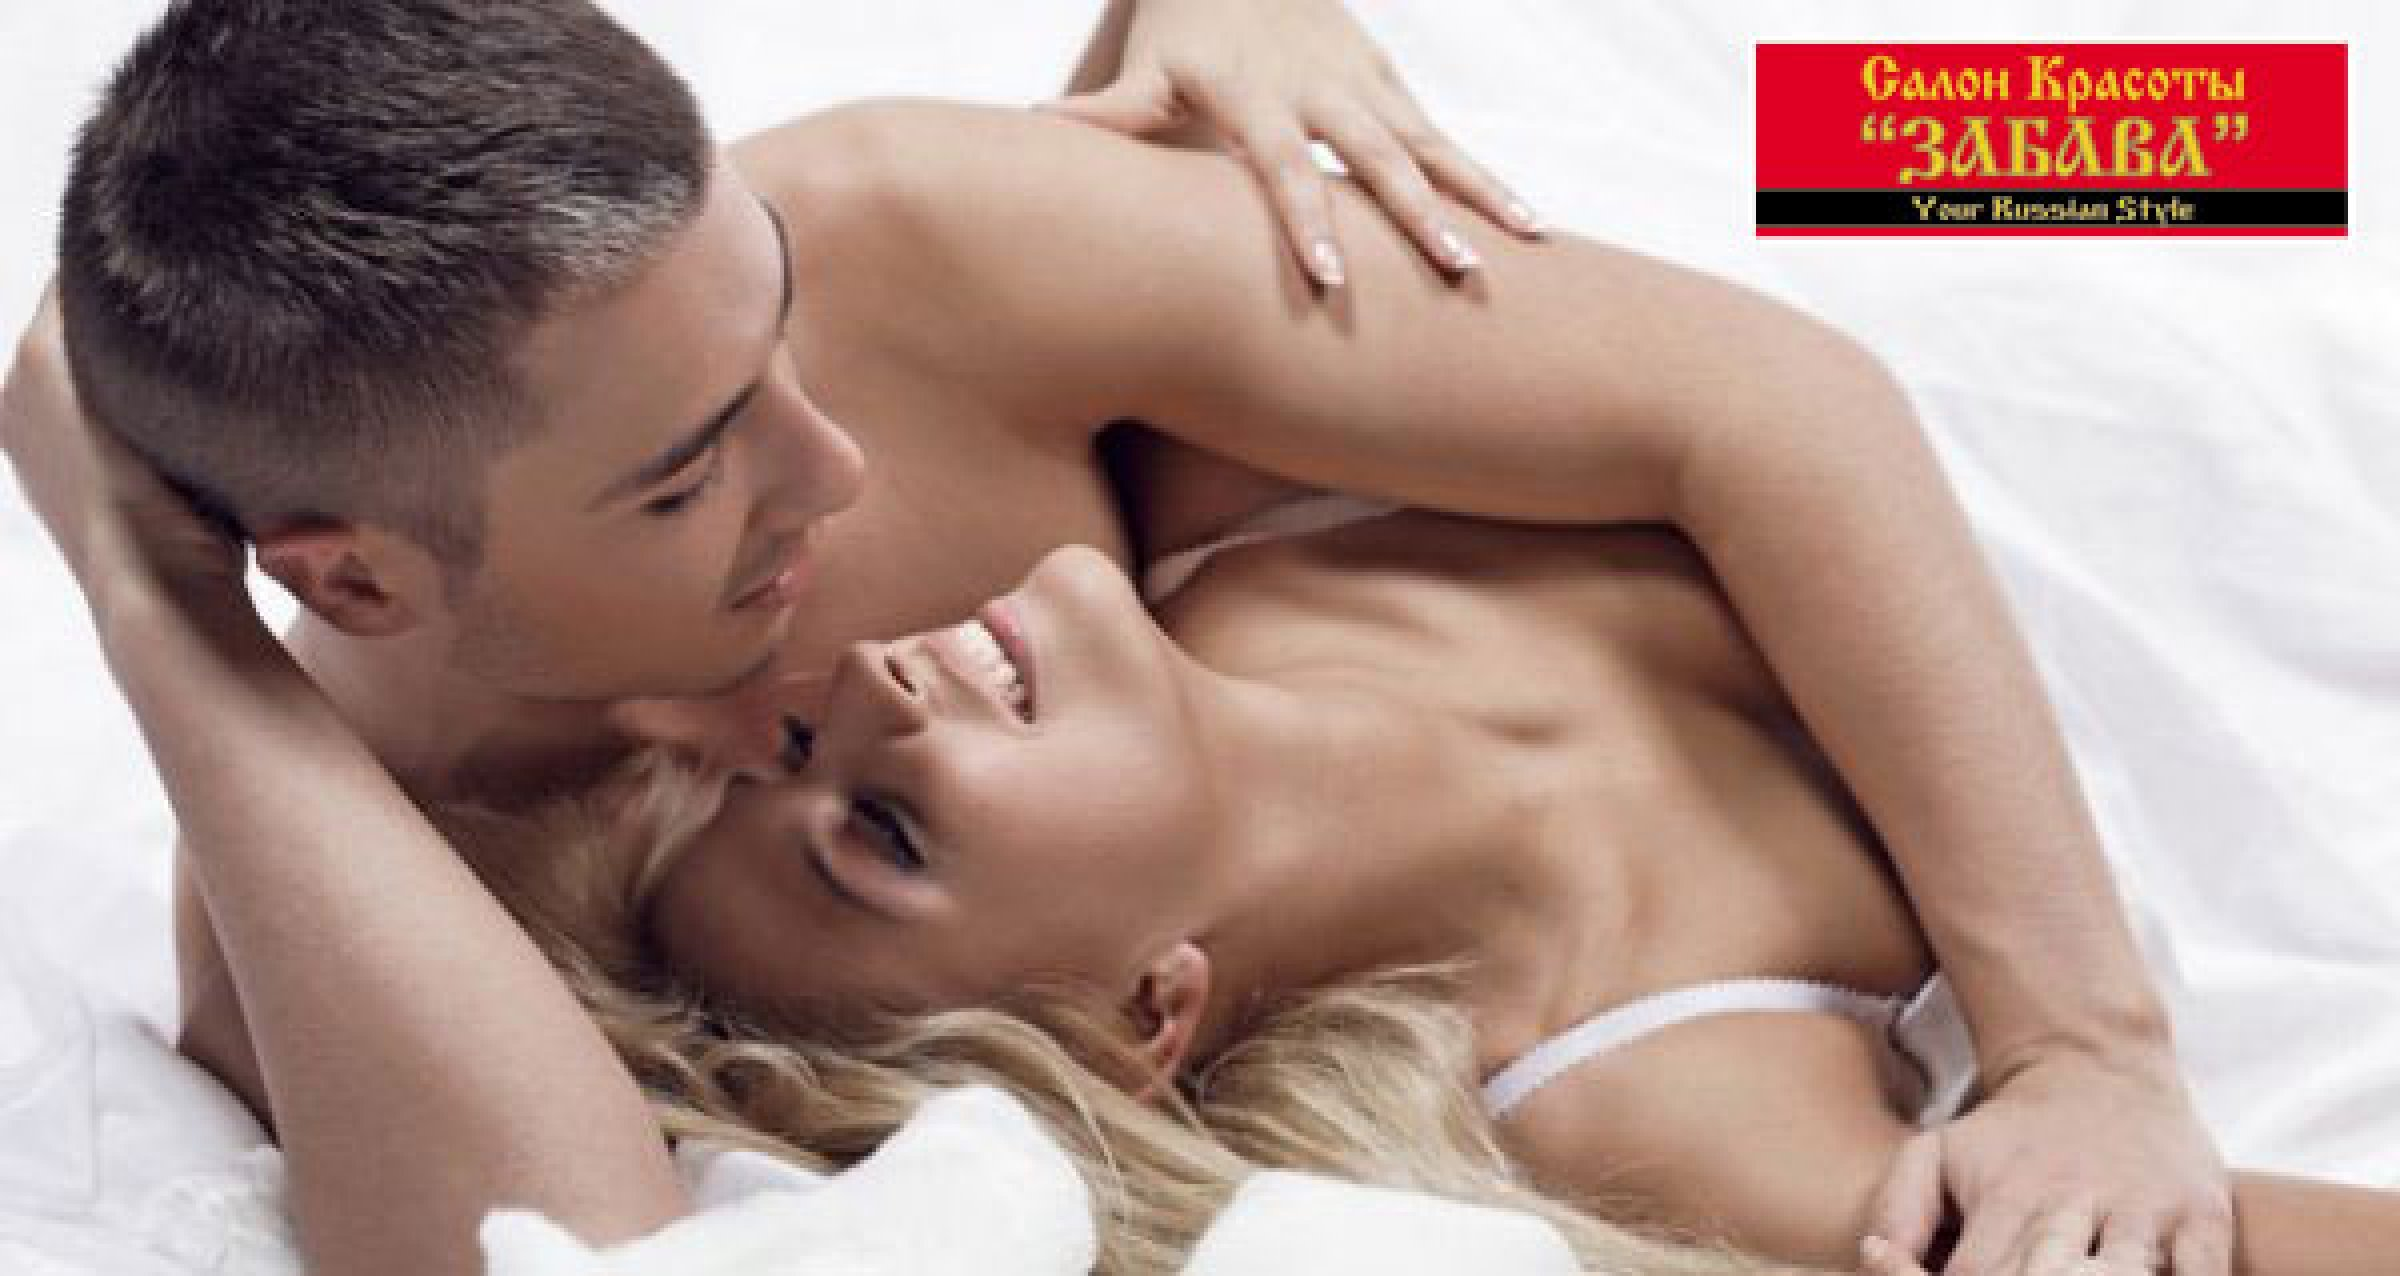 101 метод возбудить вашего любовника кино